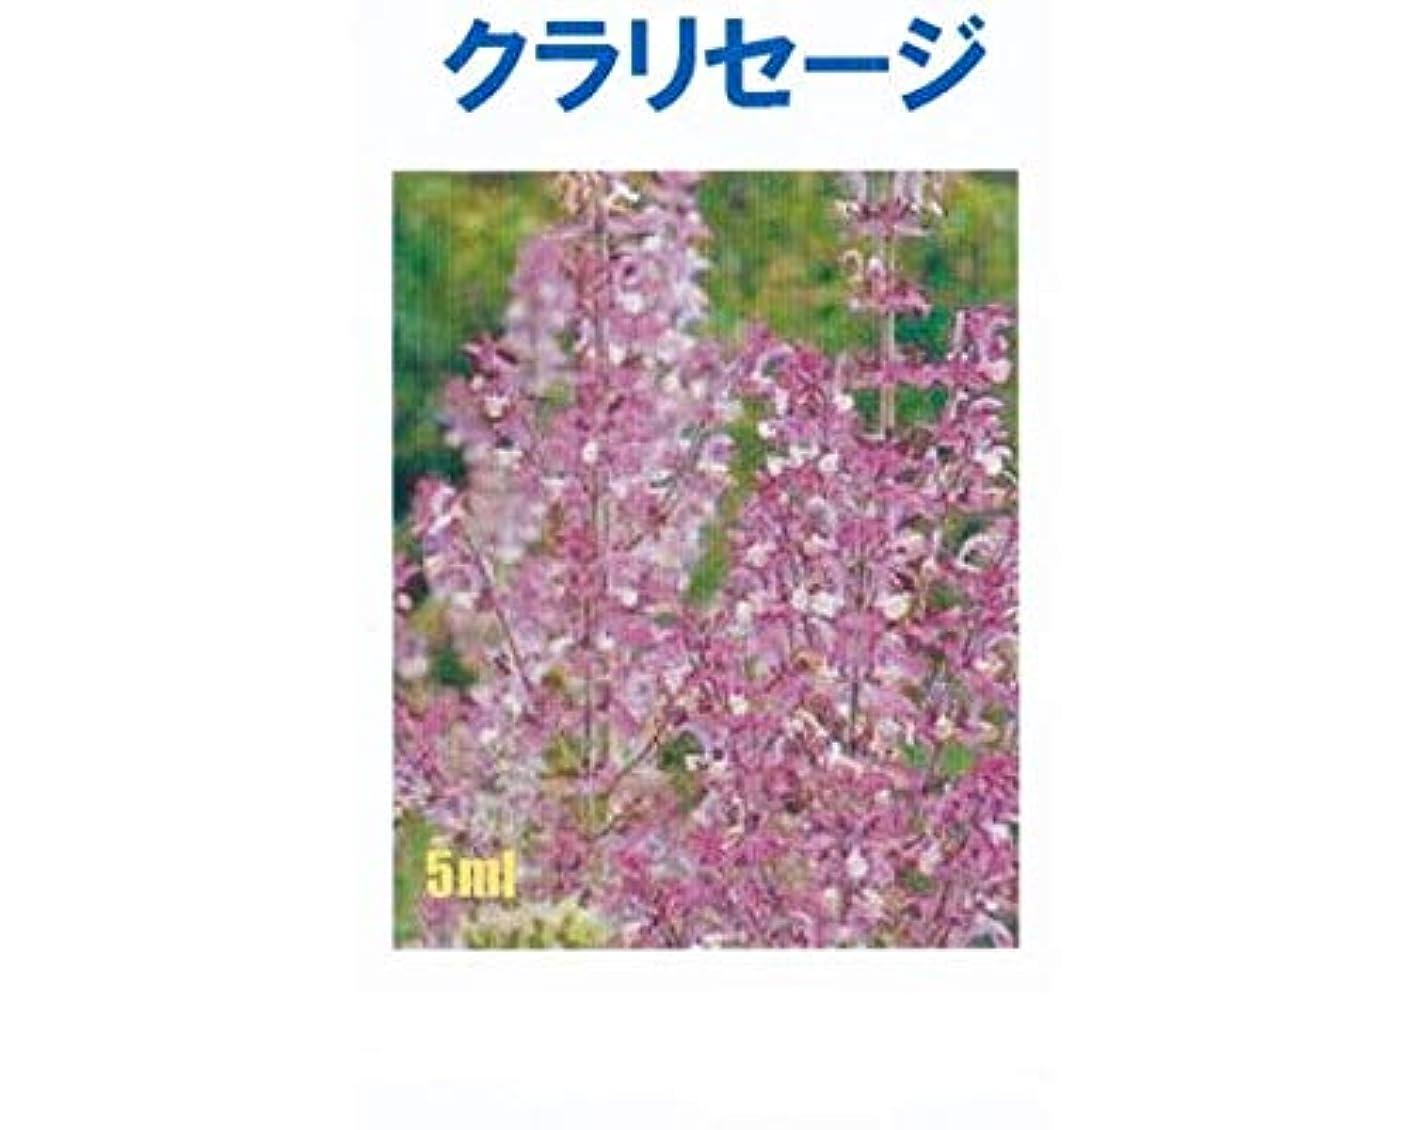 同志シーサイドテーマアロマオイル クラリセージ 5ml エッセンシャルオイル 100%天然成分